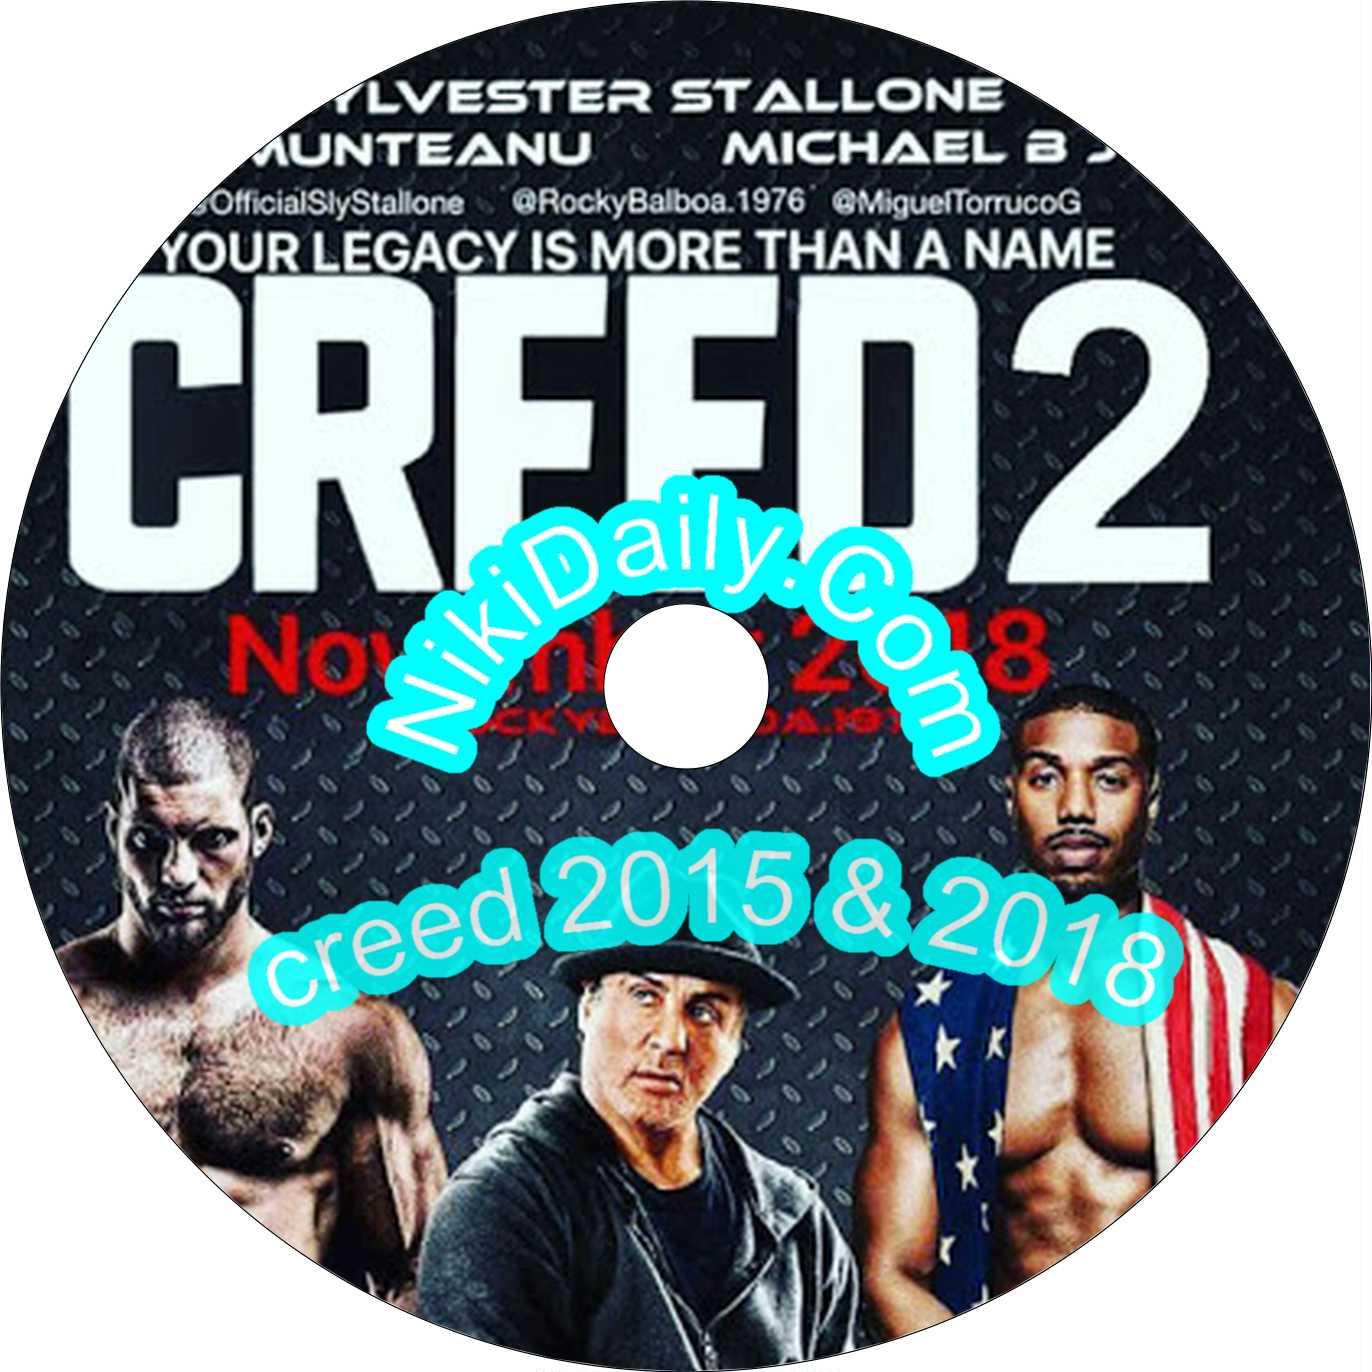 دانلود فیلم Creed 2015 و Creed II 2018 با دوبله فارسی فیلم کرید